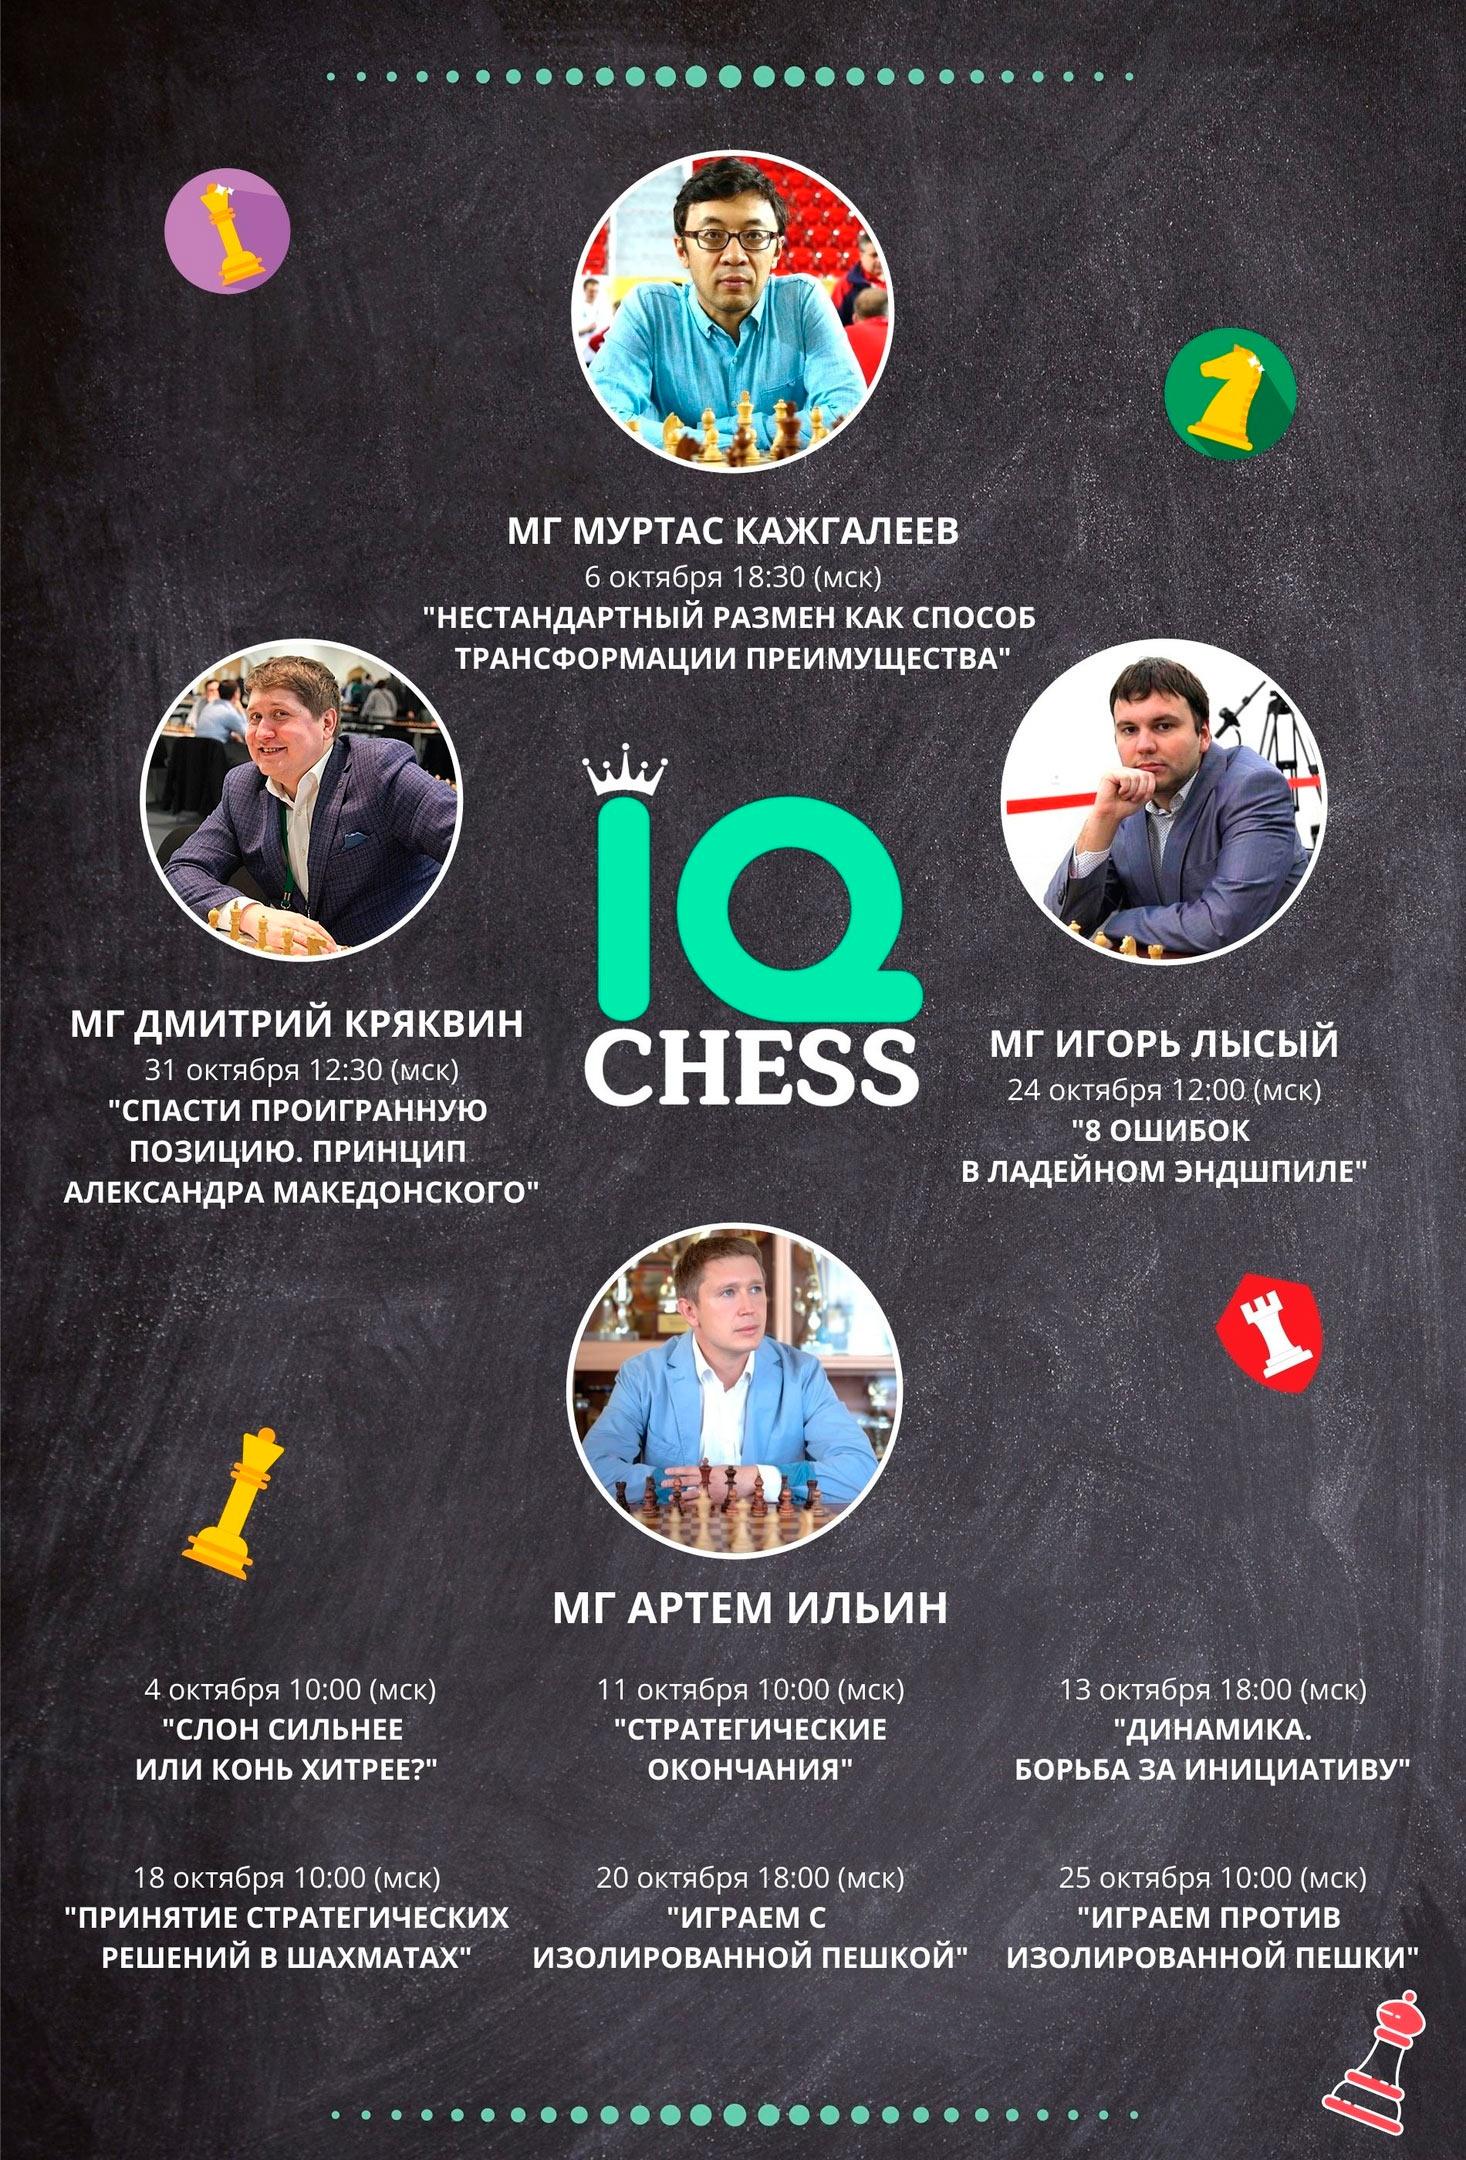 Онлайн-вебинары по шахматам с участием гроссмейстеров